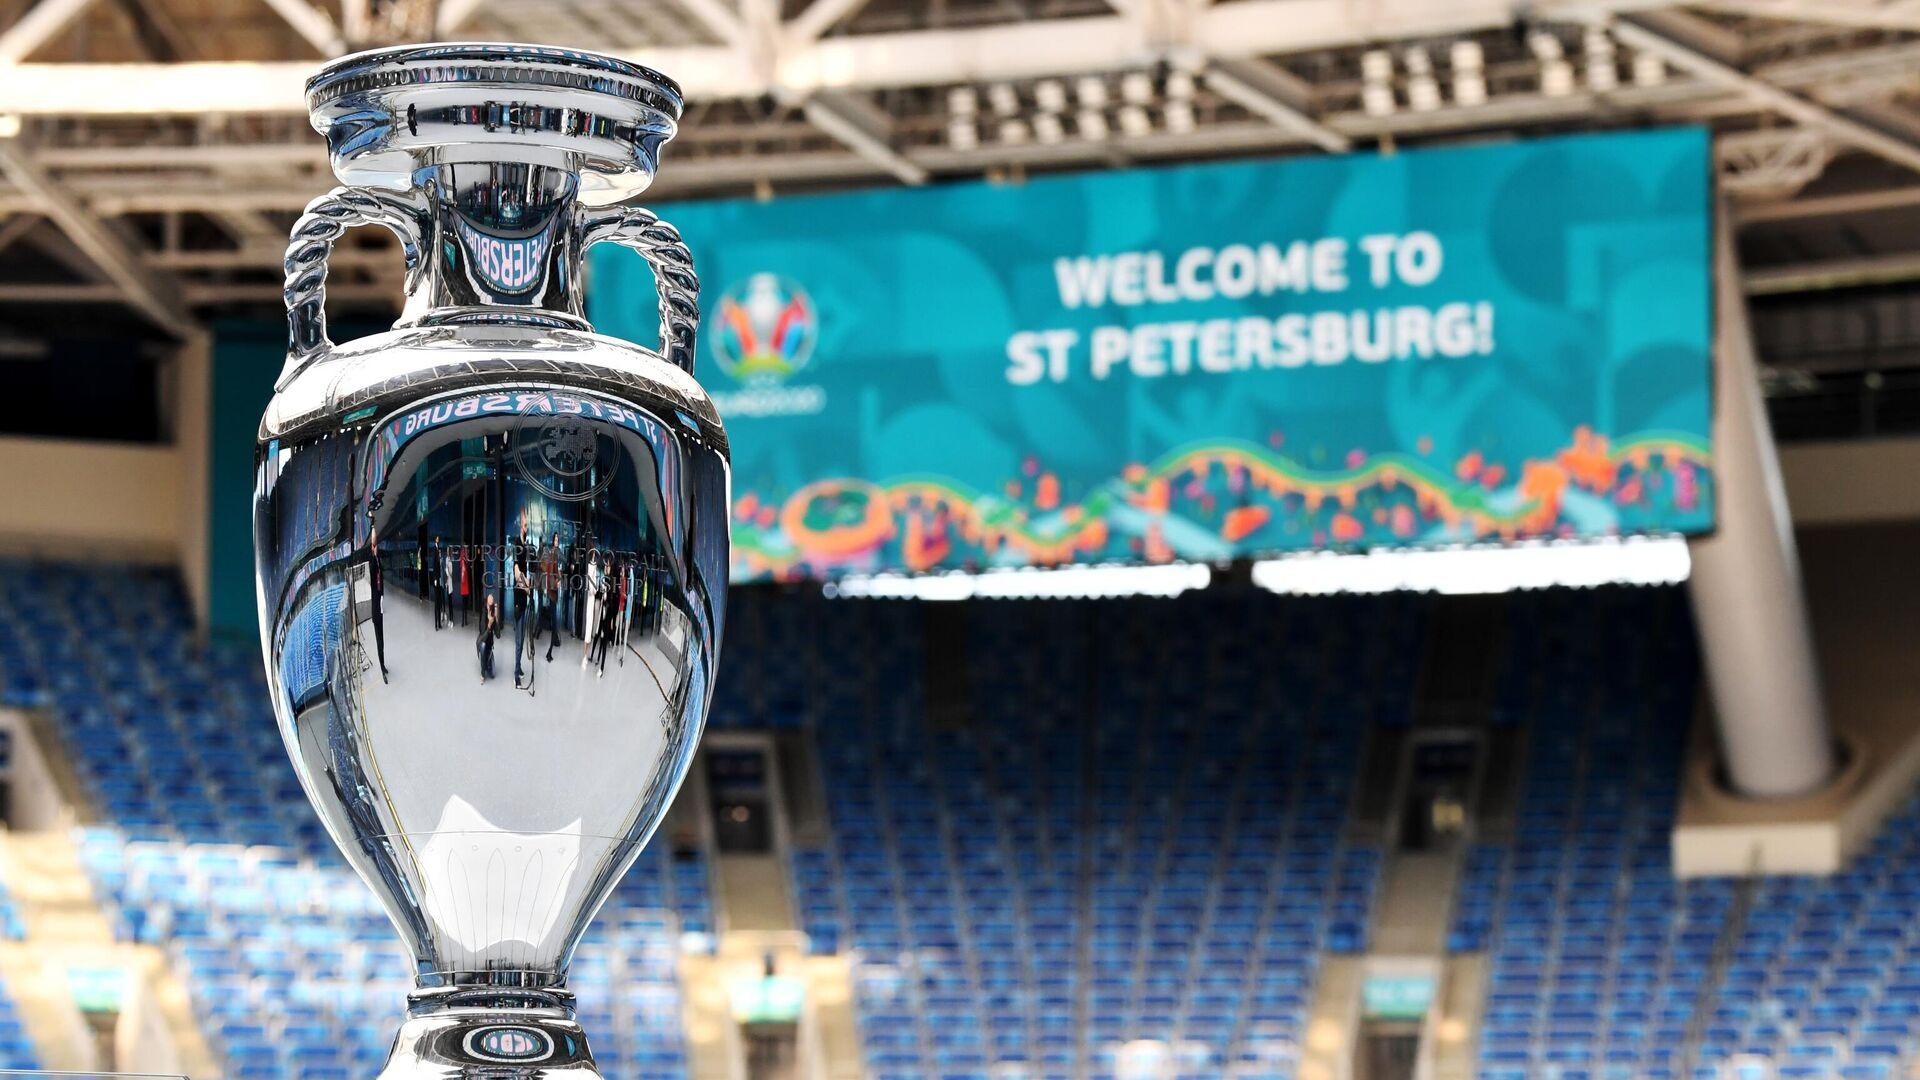 Кубок Европы по футболу представлен в Санкт-Петербурге - РИА Новости, 1920, 11.06.2021